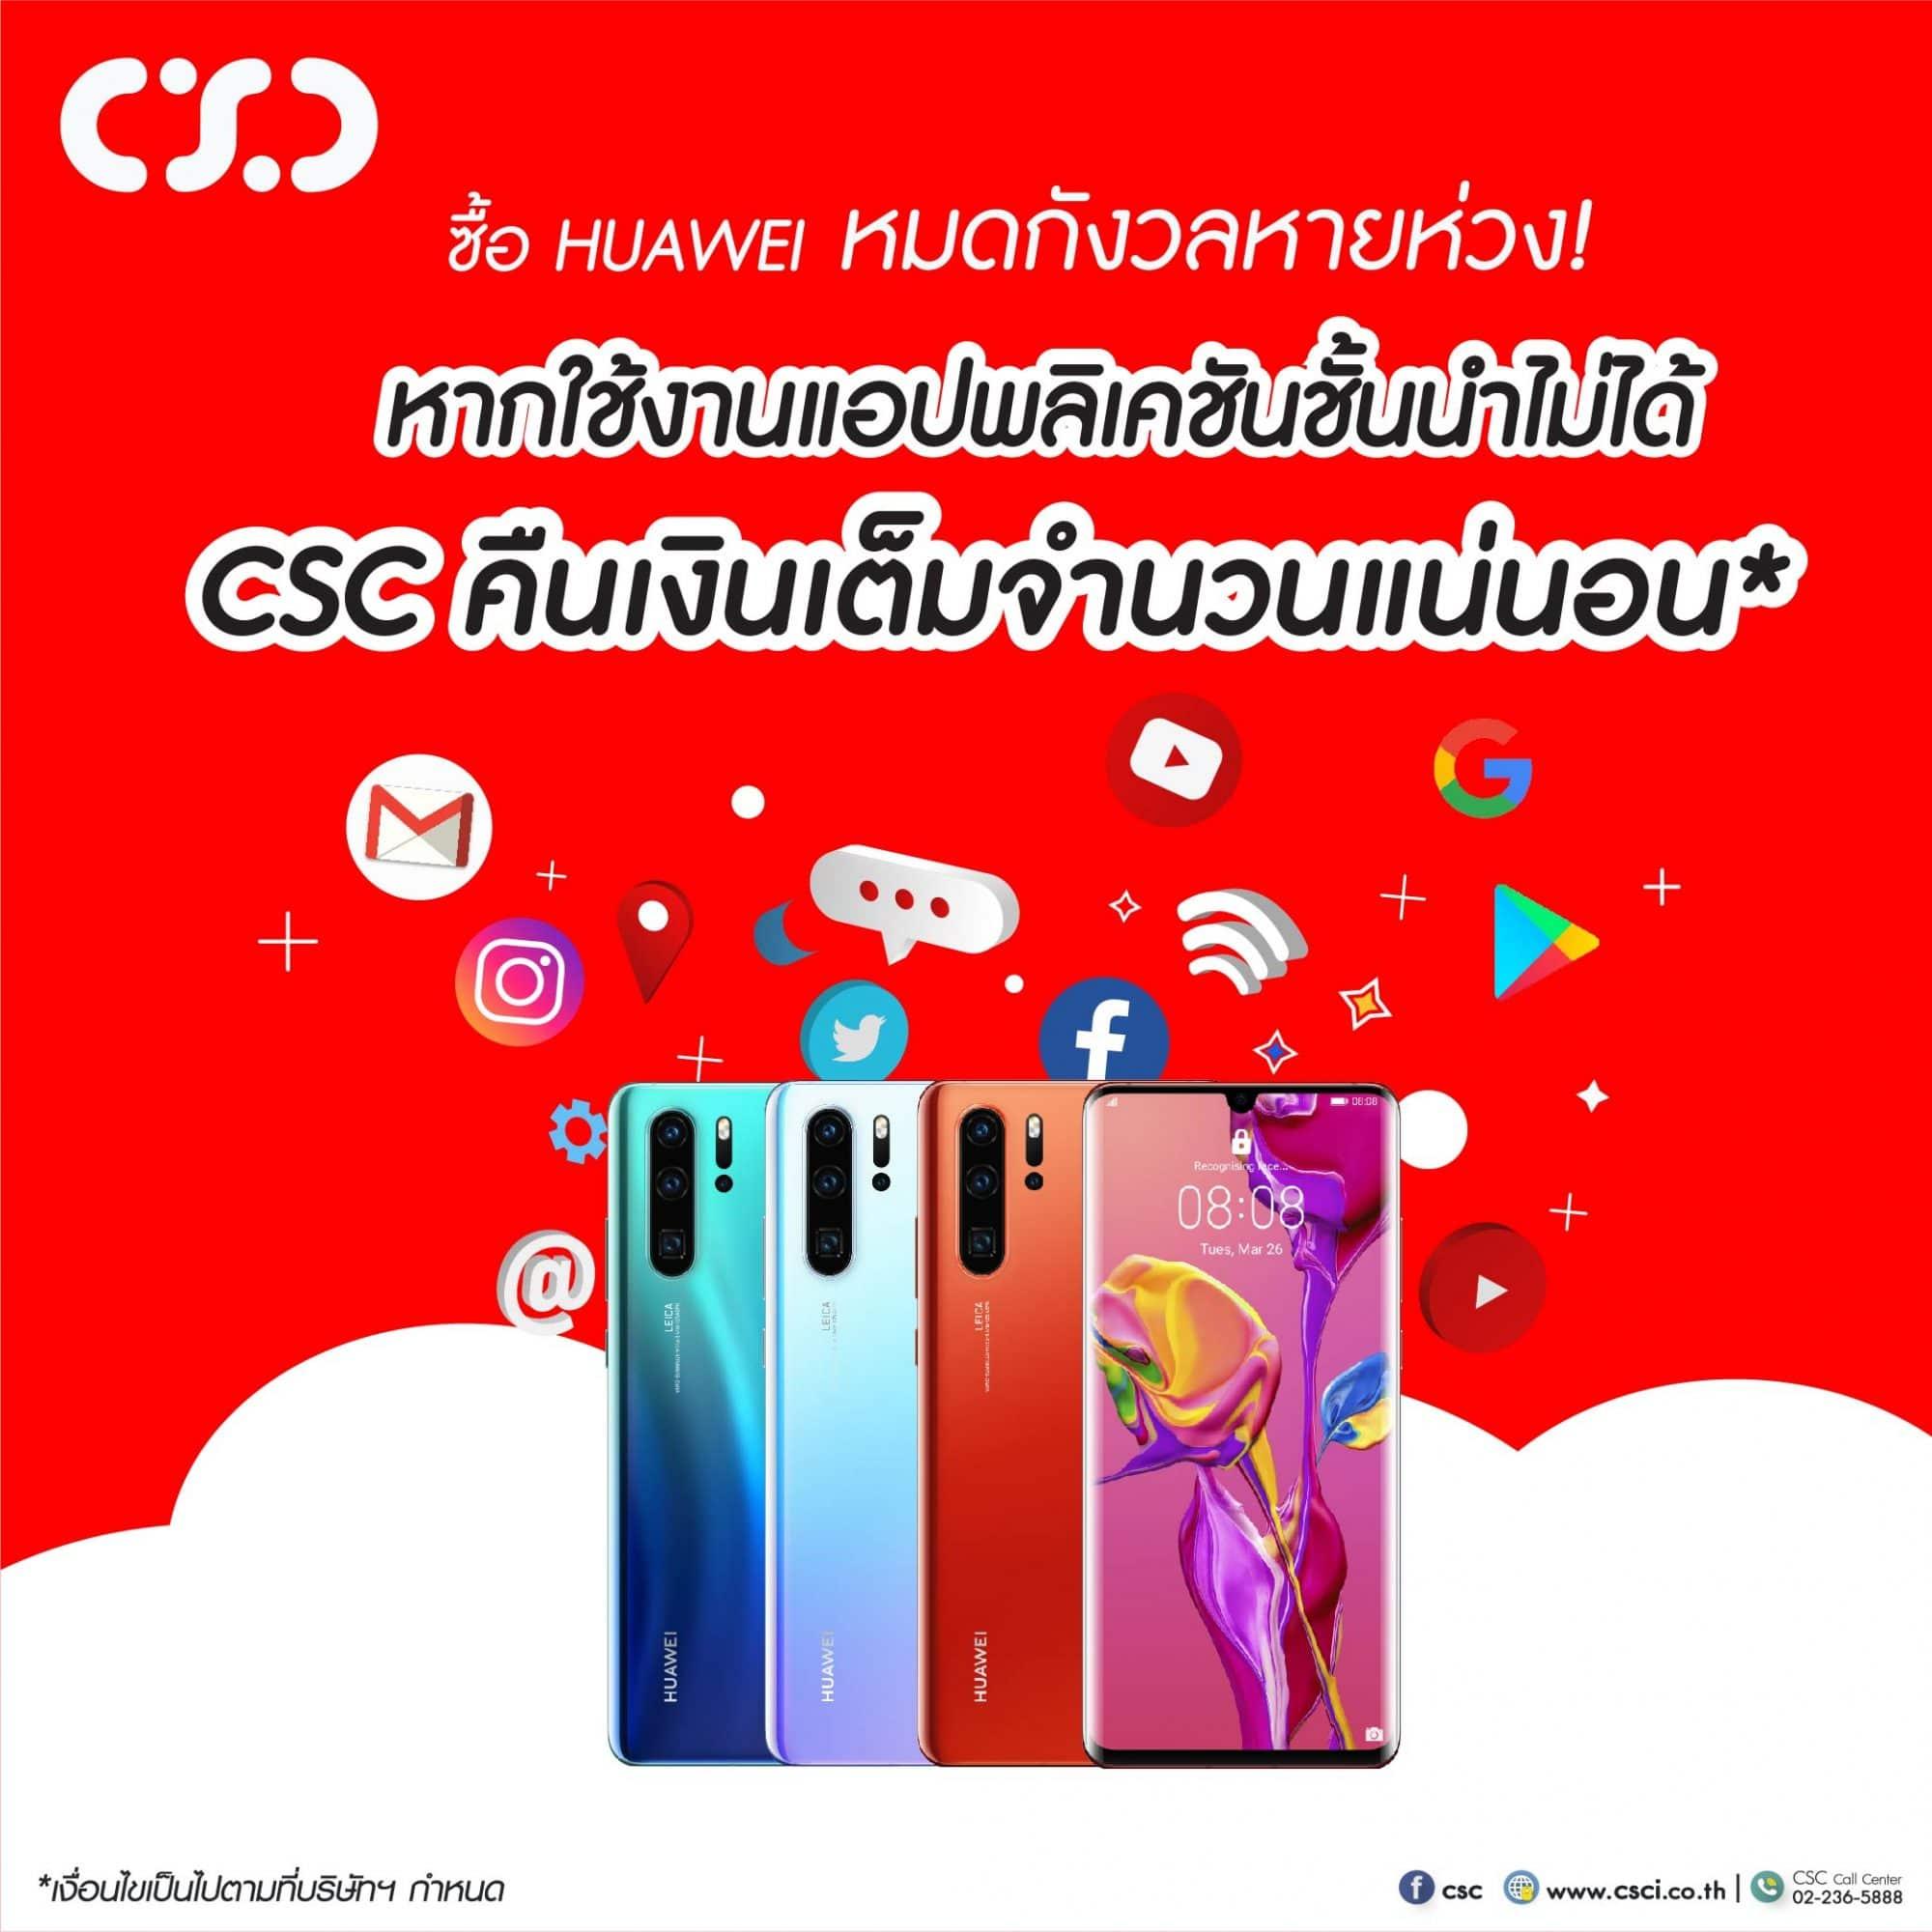 เมื่อซื้อมือถือ Huawei ที่ CSC หากใช้งานแอปพลิเคชั่นชั้นนำไม่ได้ CSC คืนเงินเต็มจำนวนแน่นอนนาน 2 ปี 2